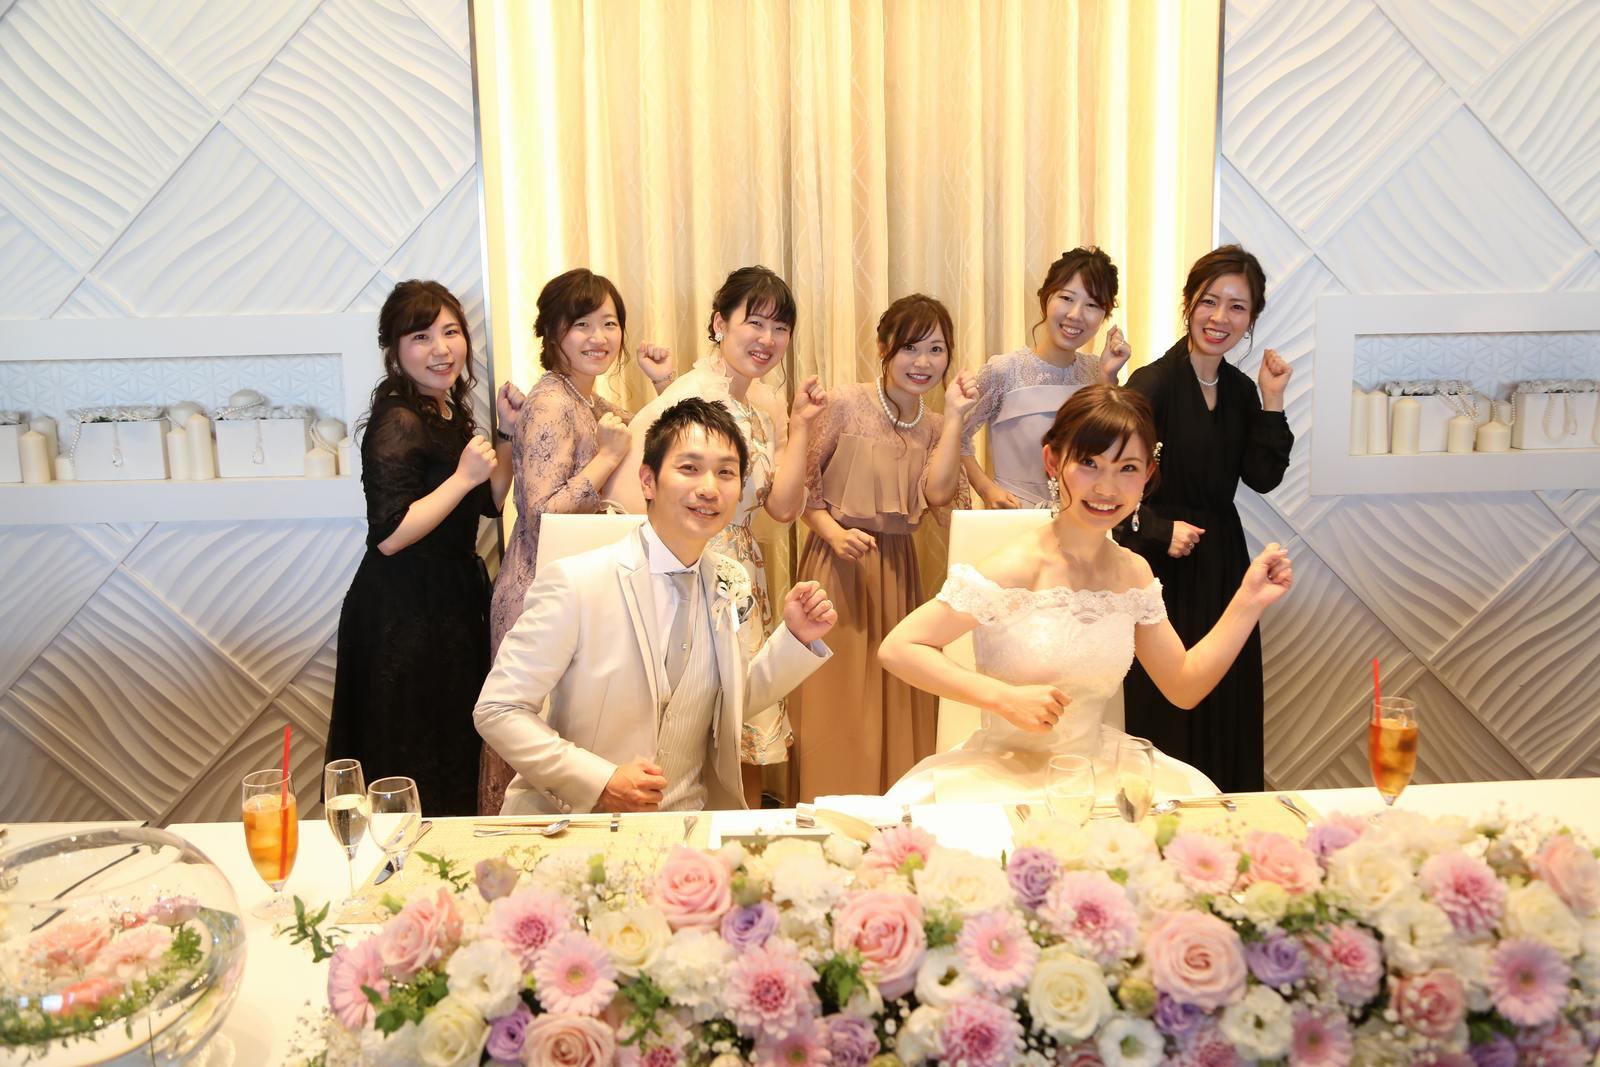 徳島市の結婚式場ブランアンジュでゲストとお揃いのポーズで記念写真